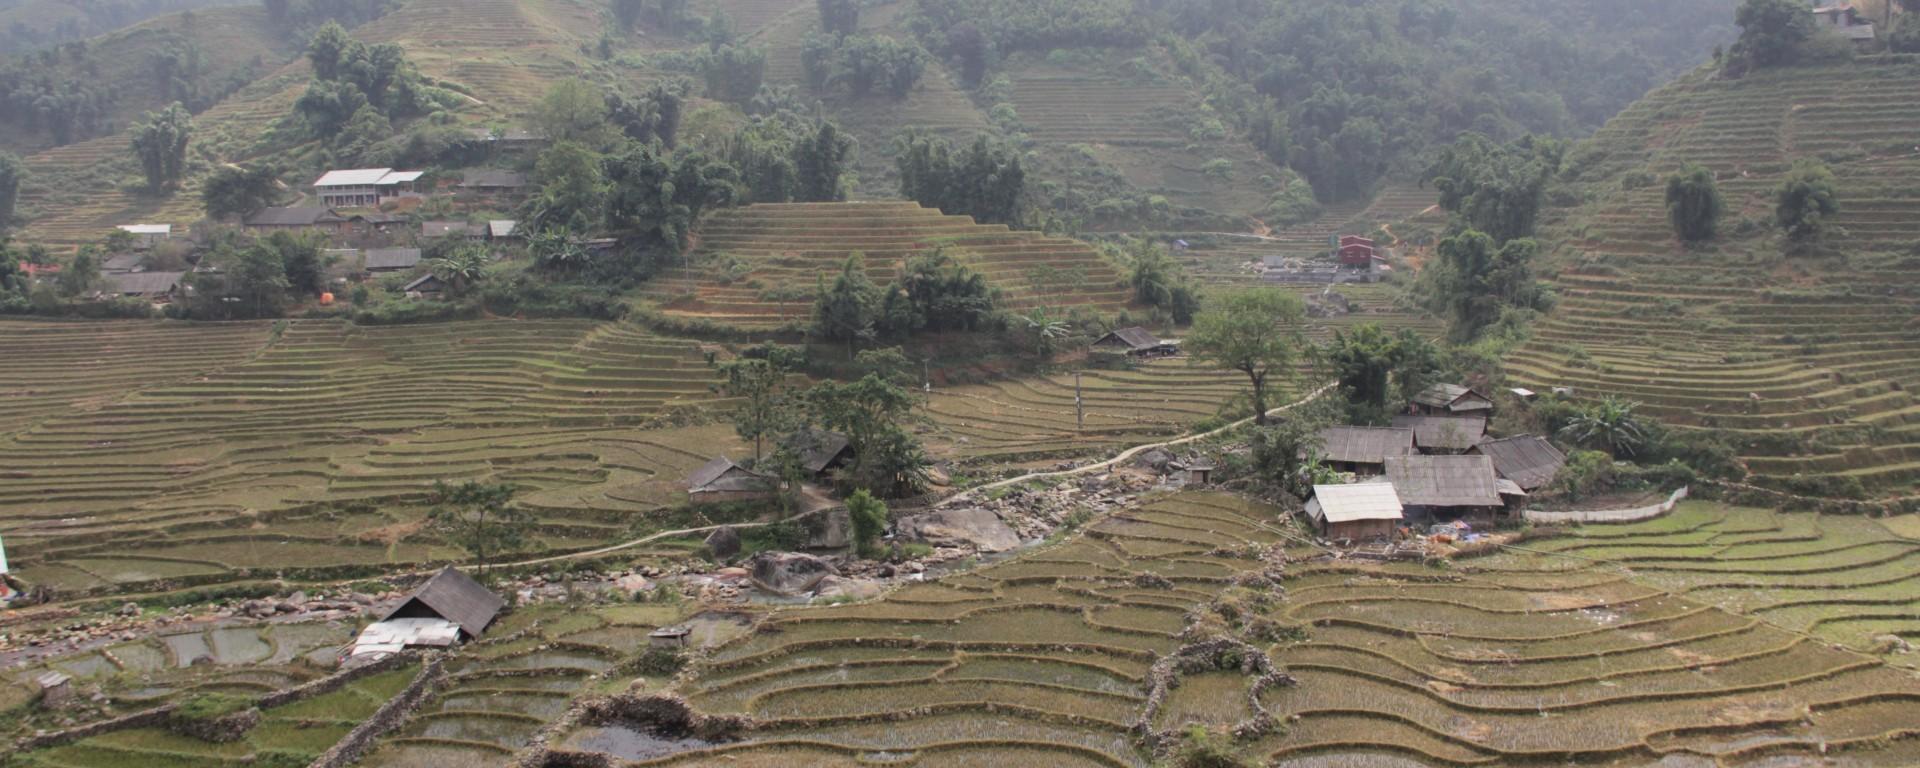 Les rizières coupées dans les montagnes au nord du Vietnam (